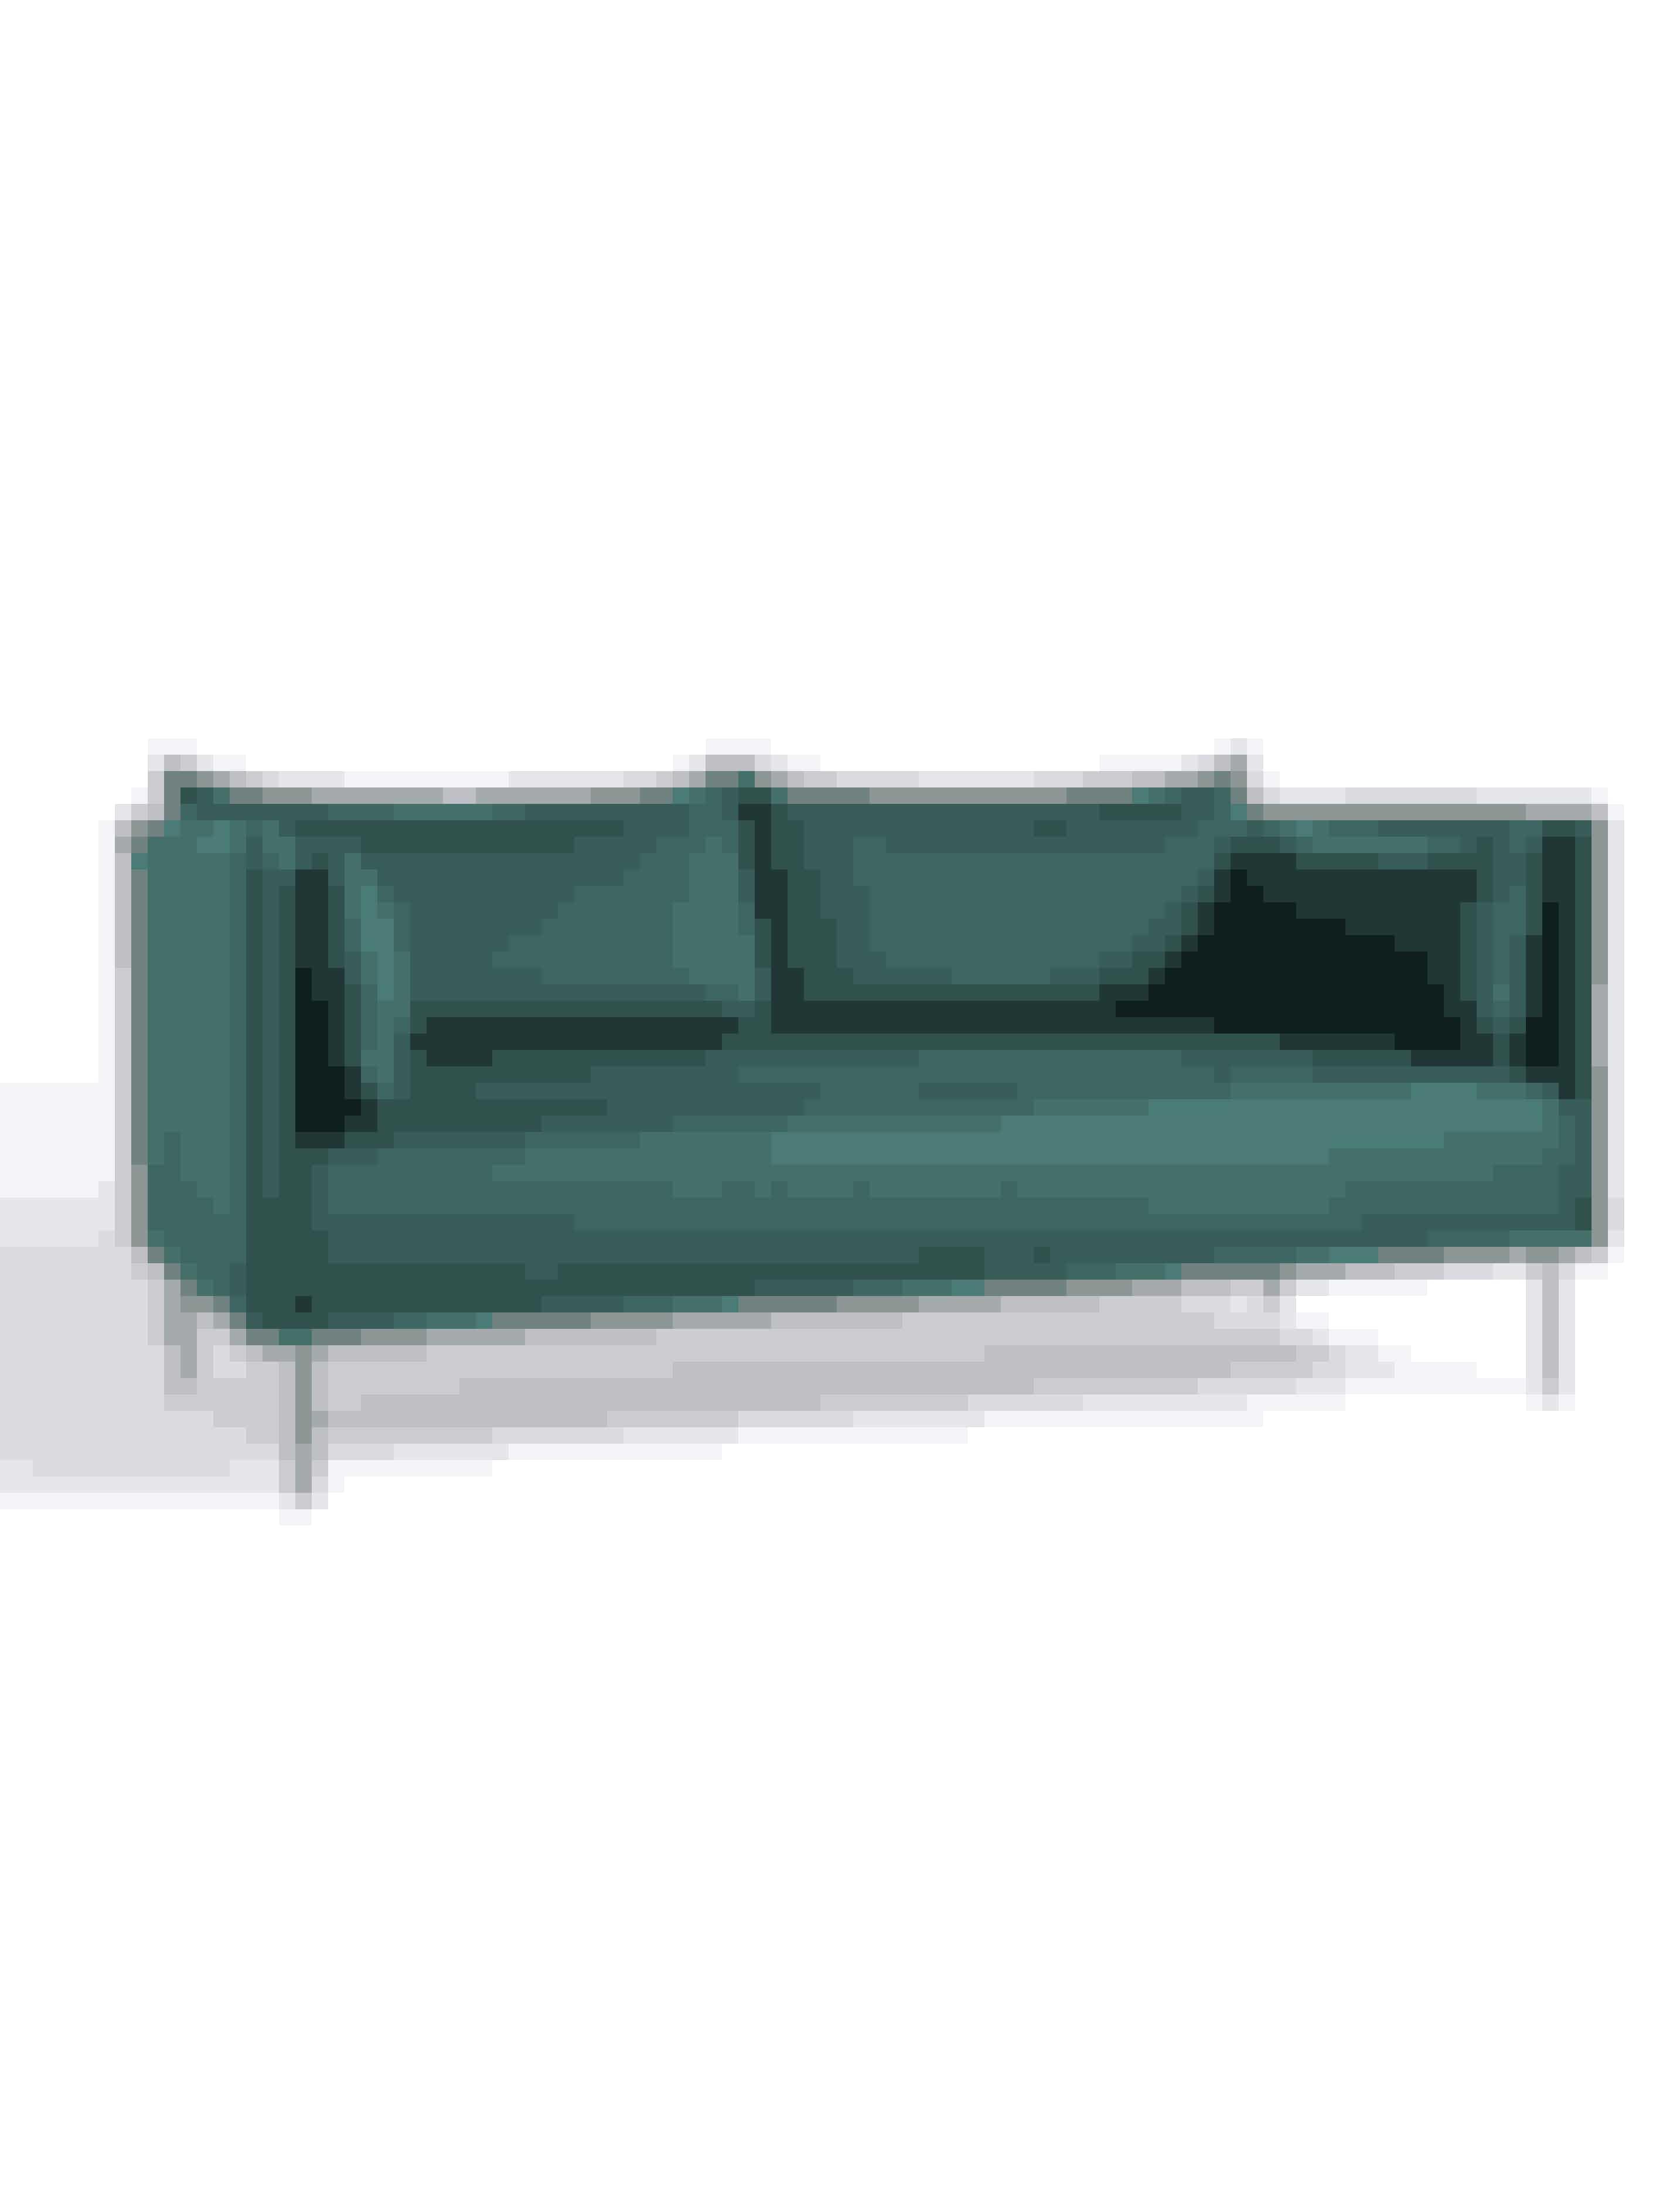 'Silhouette'-sofa designet af Gram Fratesi for Hay, 20.199 kr.Køb online her.